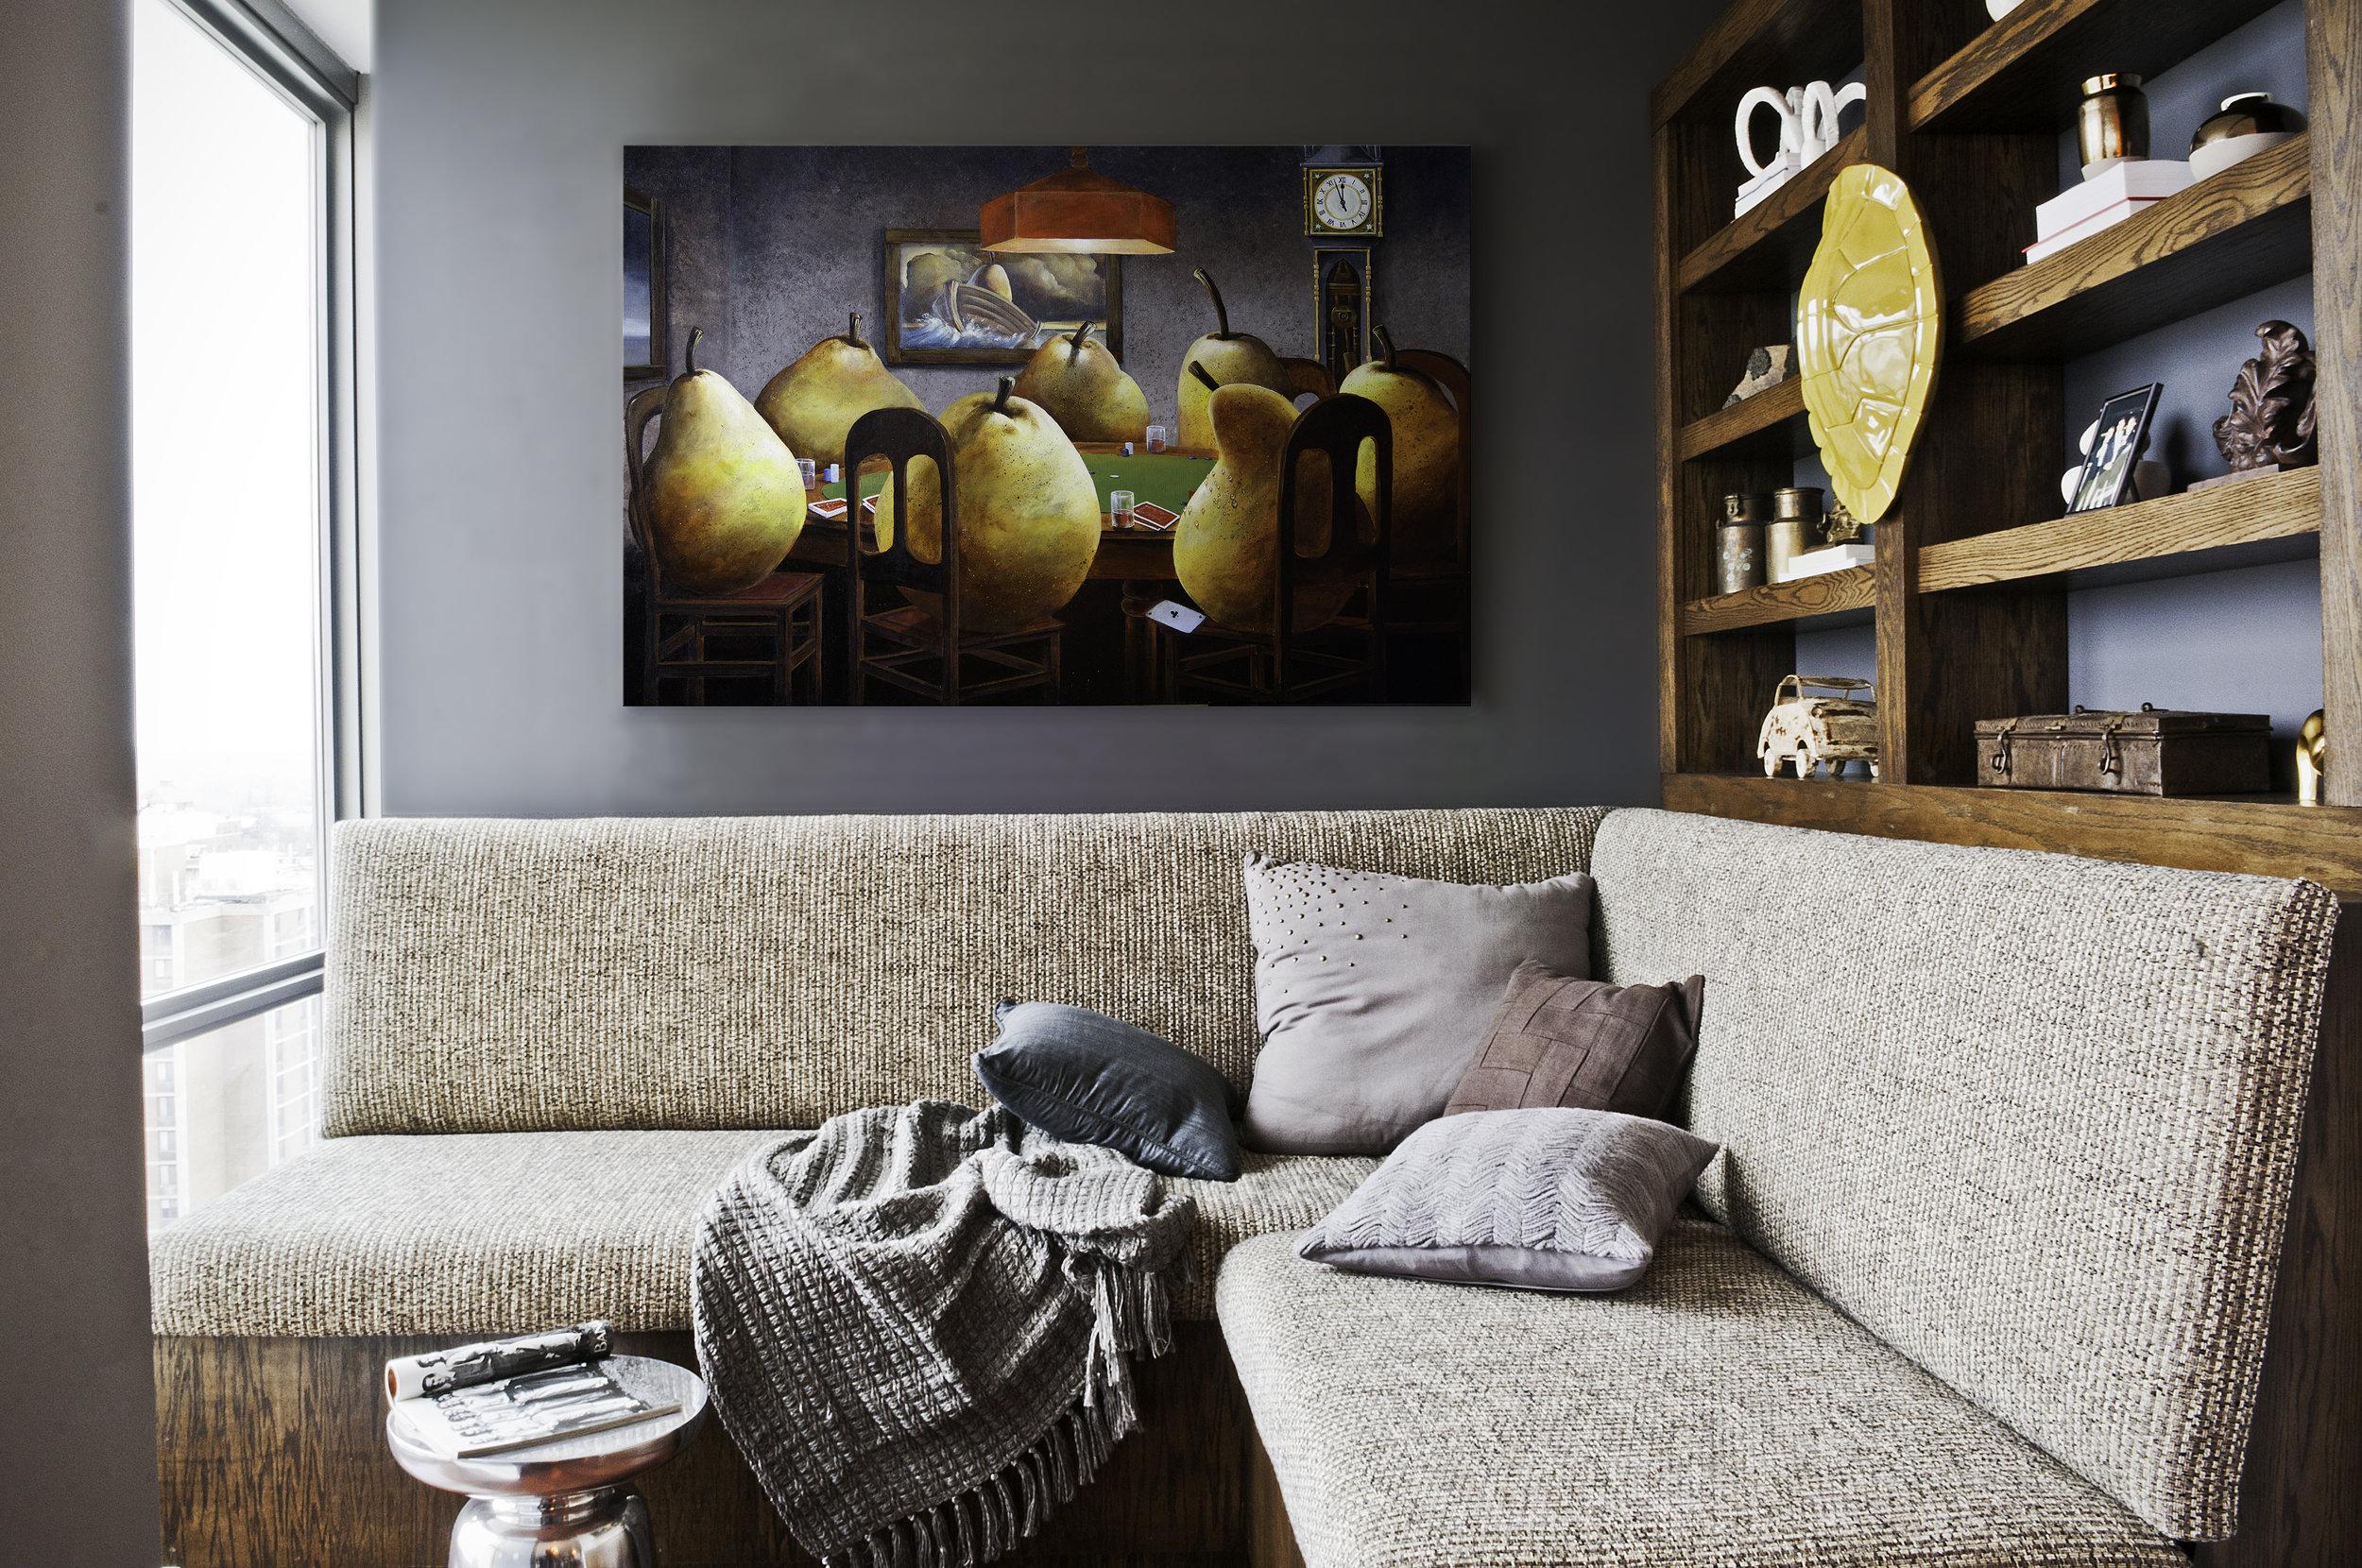 interior-design-artwork-on-wallinterior-design-artwork-on-wall-poker-pear-bill-higginson.jpg